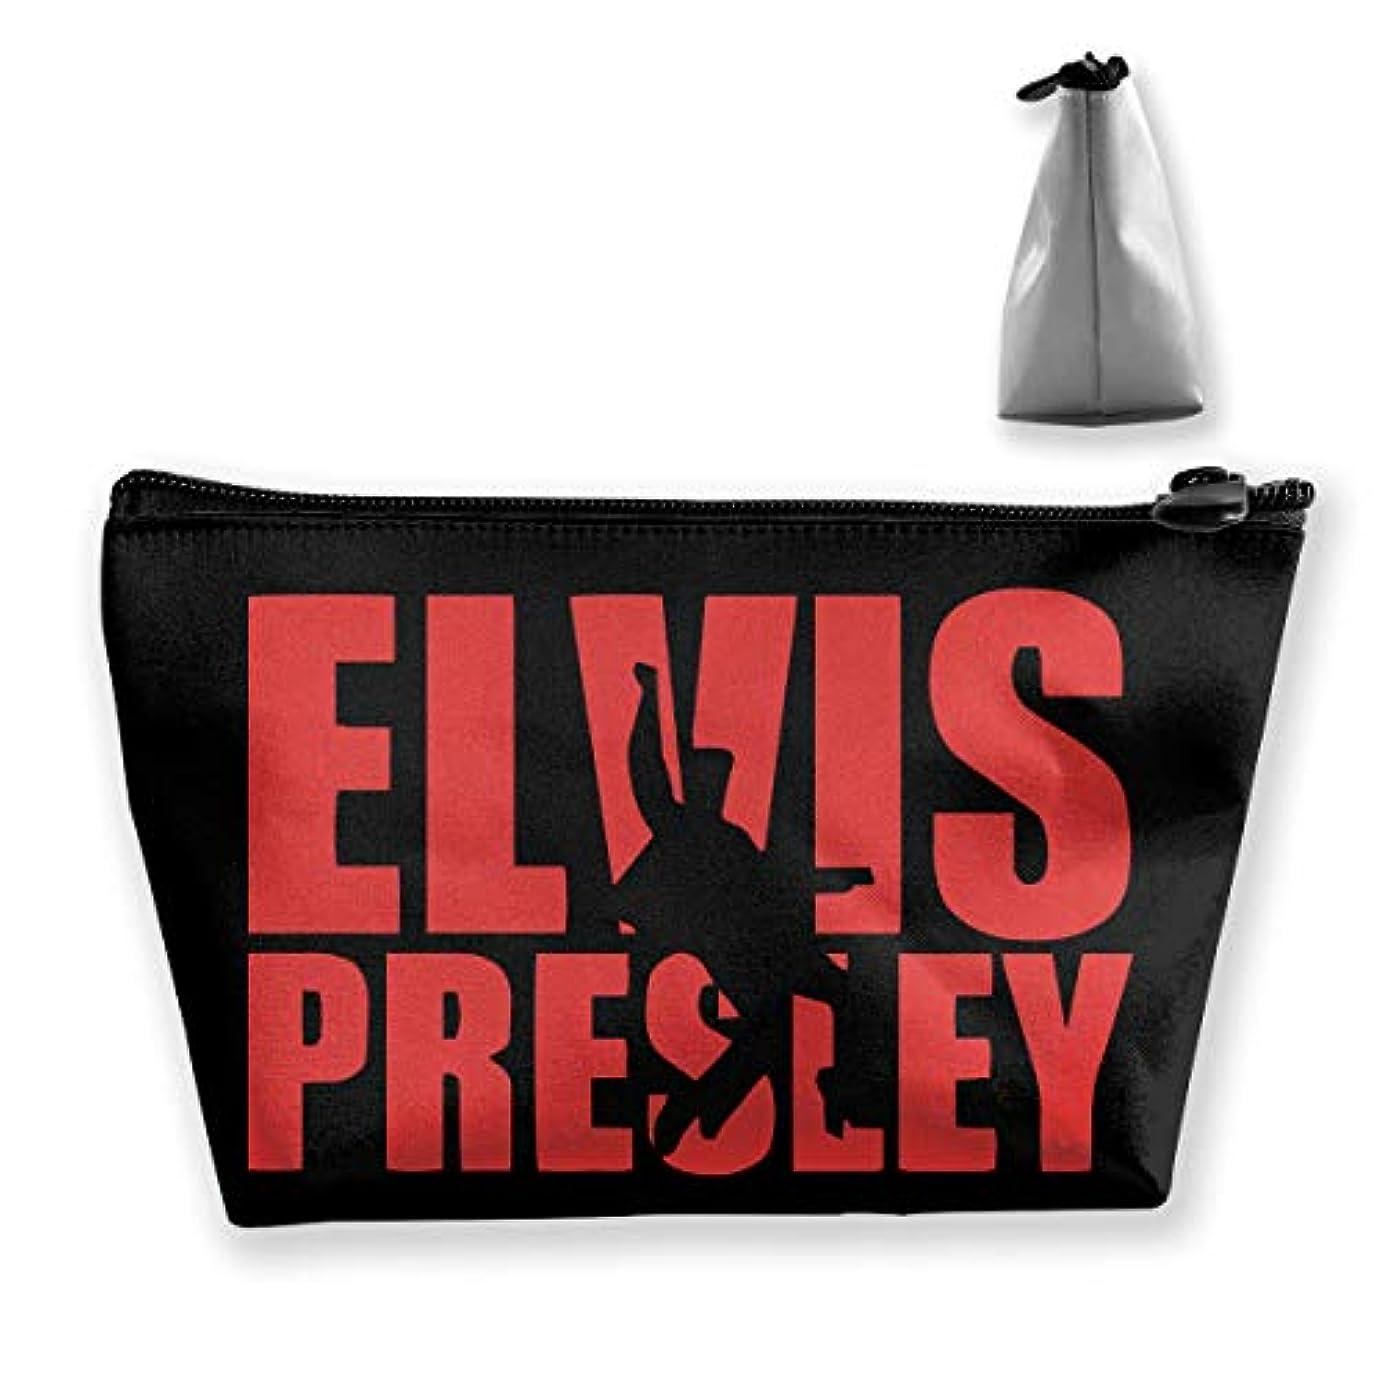 偽本物の風景エルヴィス プレスリー 英字プリント Elvis Presley 収納バッグ 化粧バッグ メイクポーチ 化粧品収納 ラダー トラベルポーチ 小物入れ 普段使い 機能的 大容量 旅行も便利 撥水する防水ポーチ ユニークバック